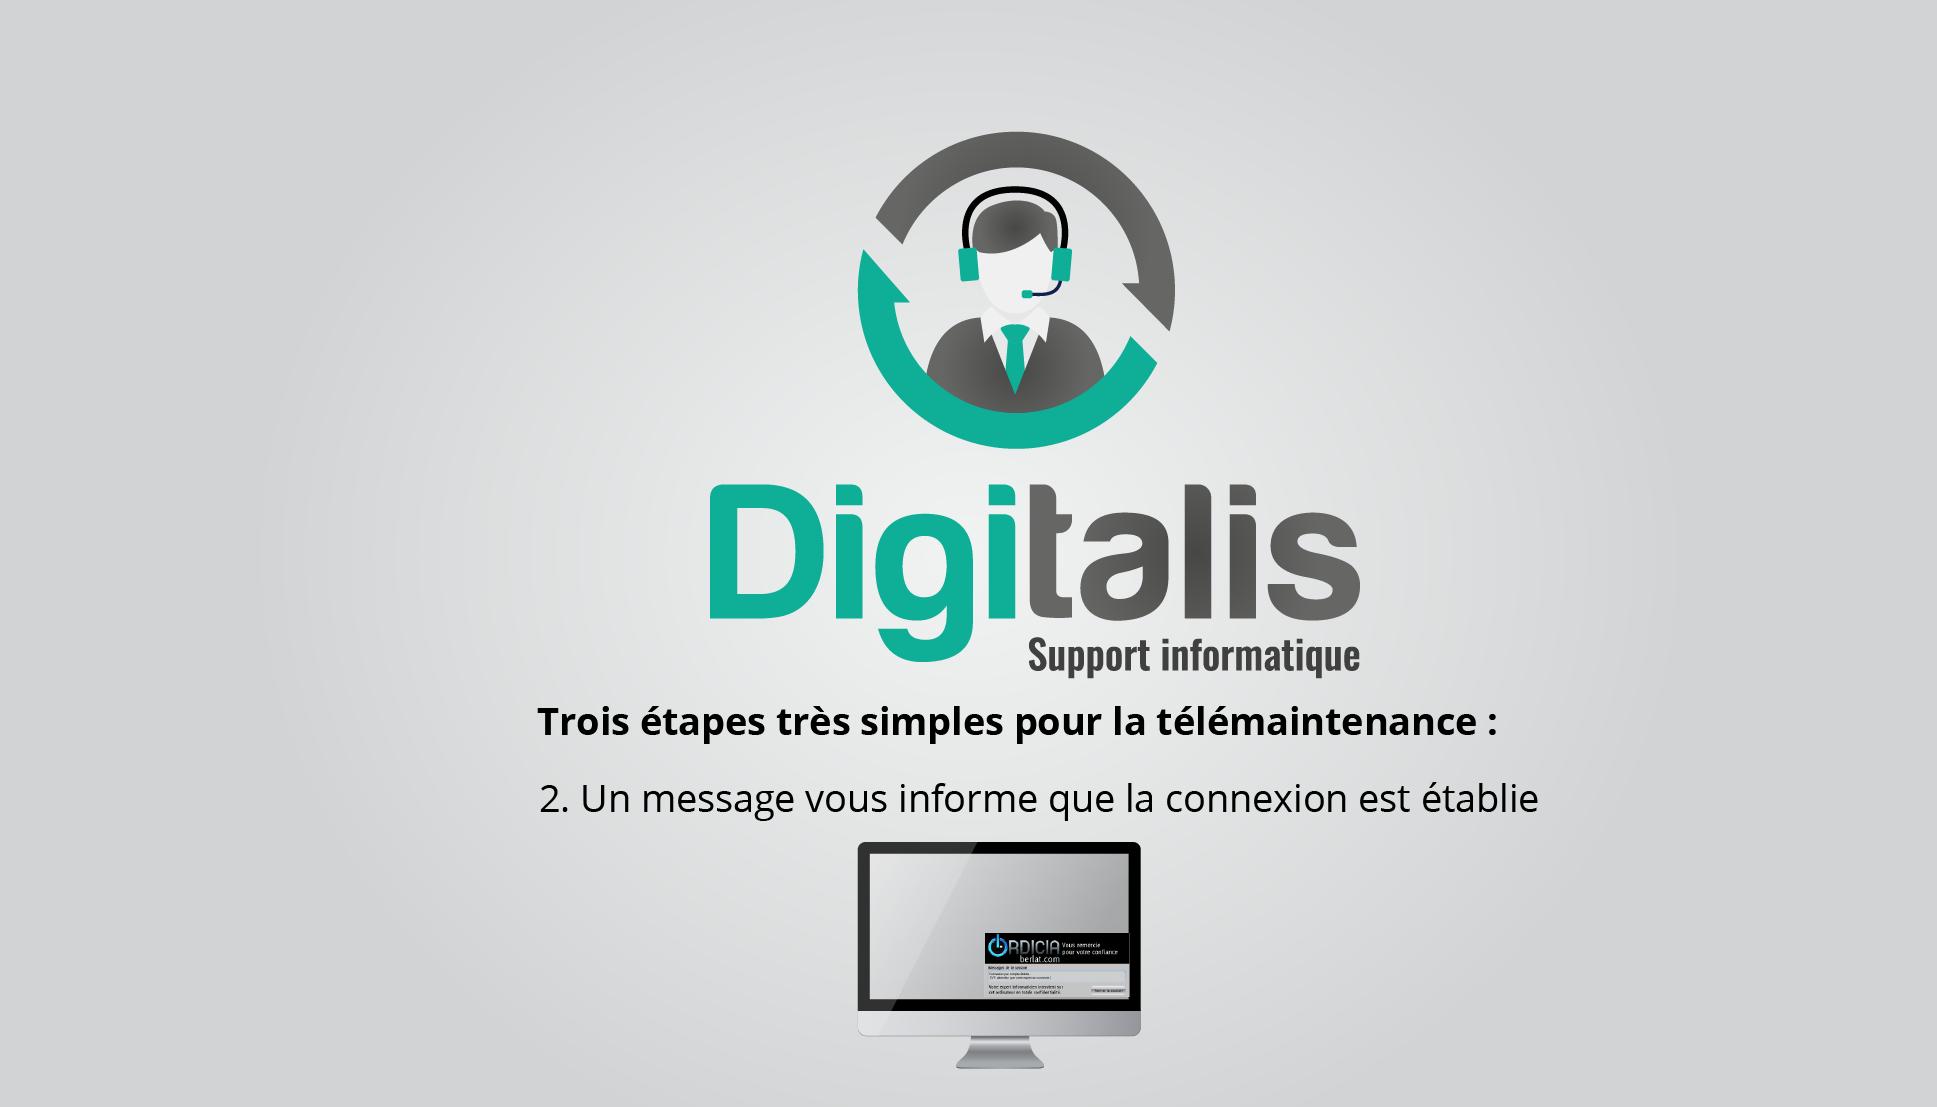 digitalis-3